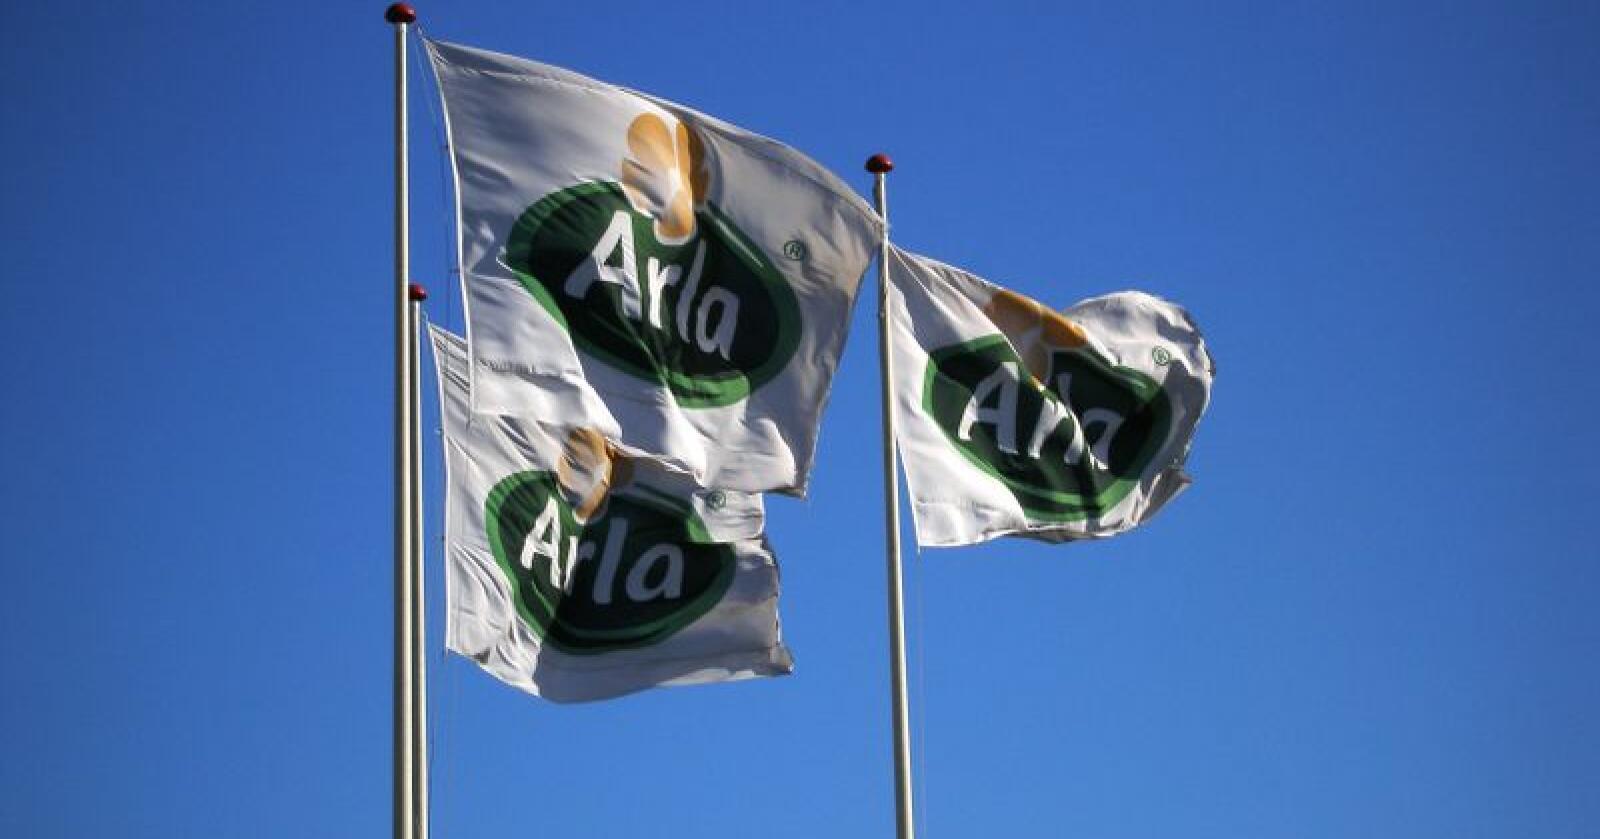 Arla gjør store investeringer i dansk meieri. Illustrasjonsfoto: Wikimedia commons